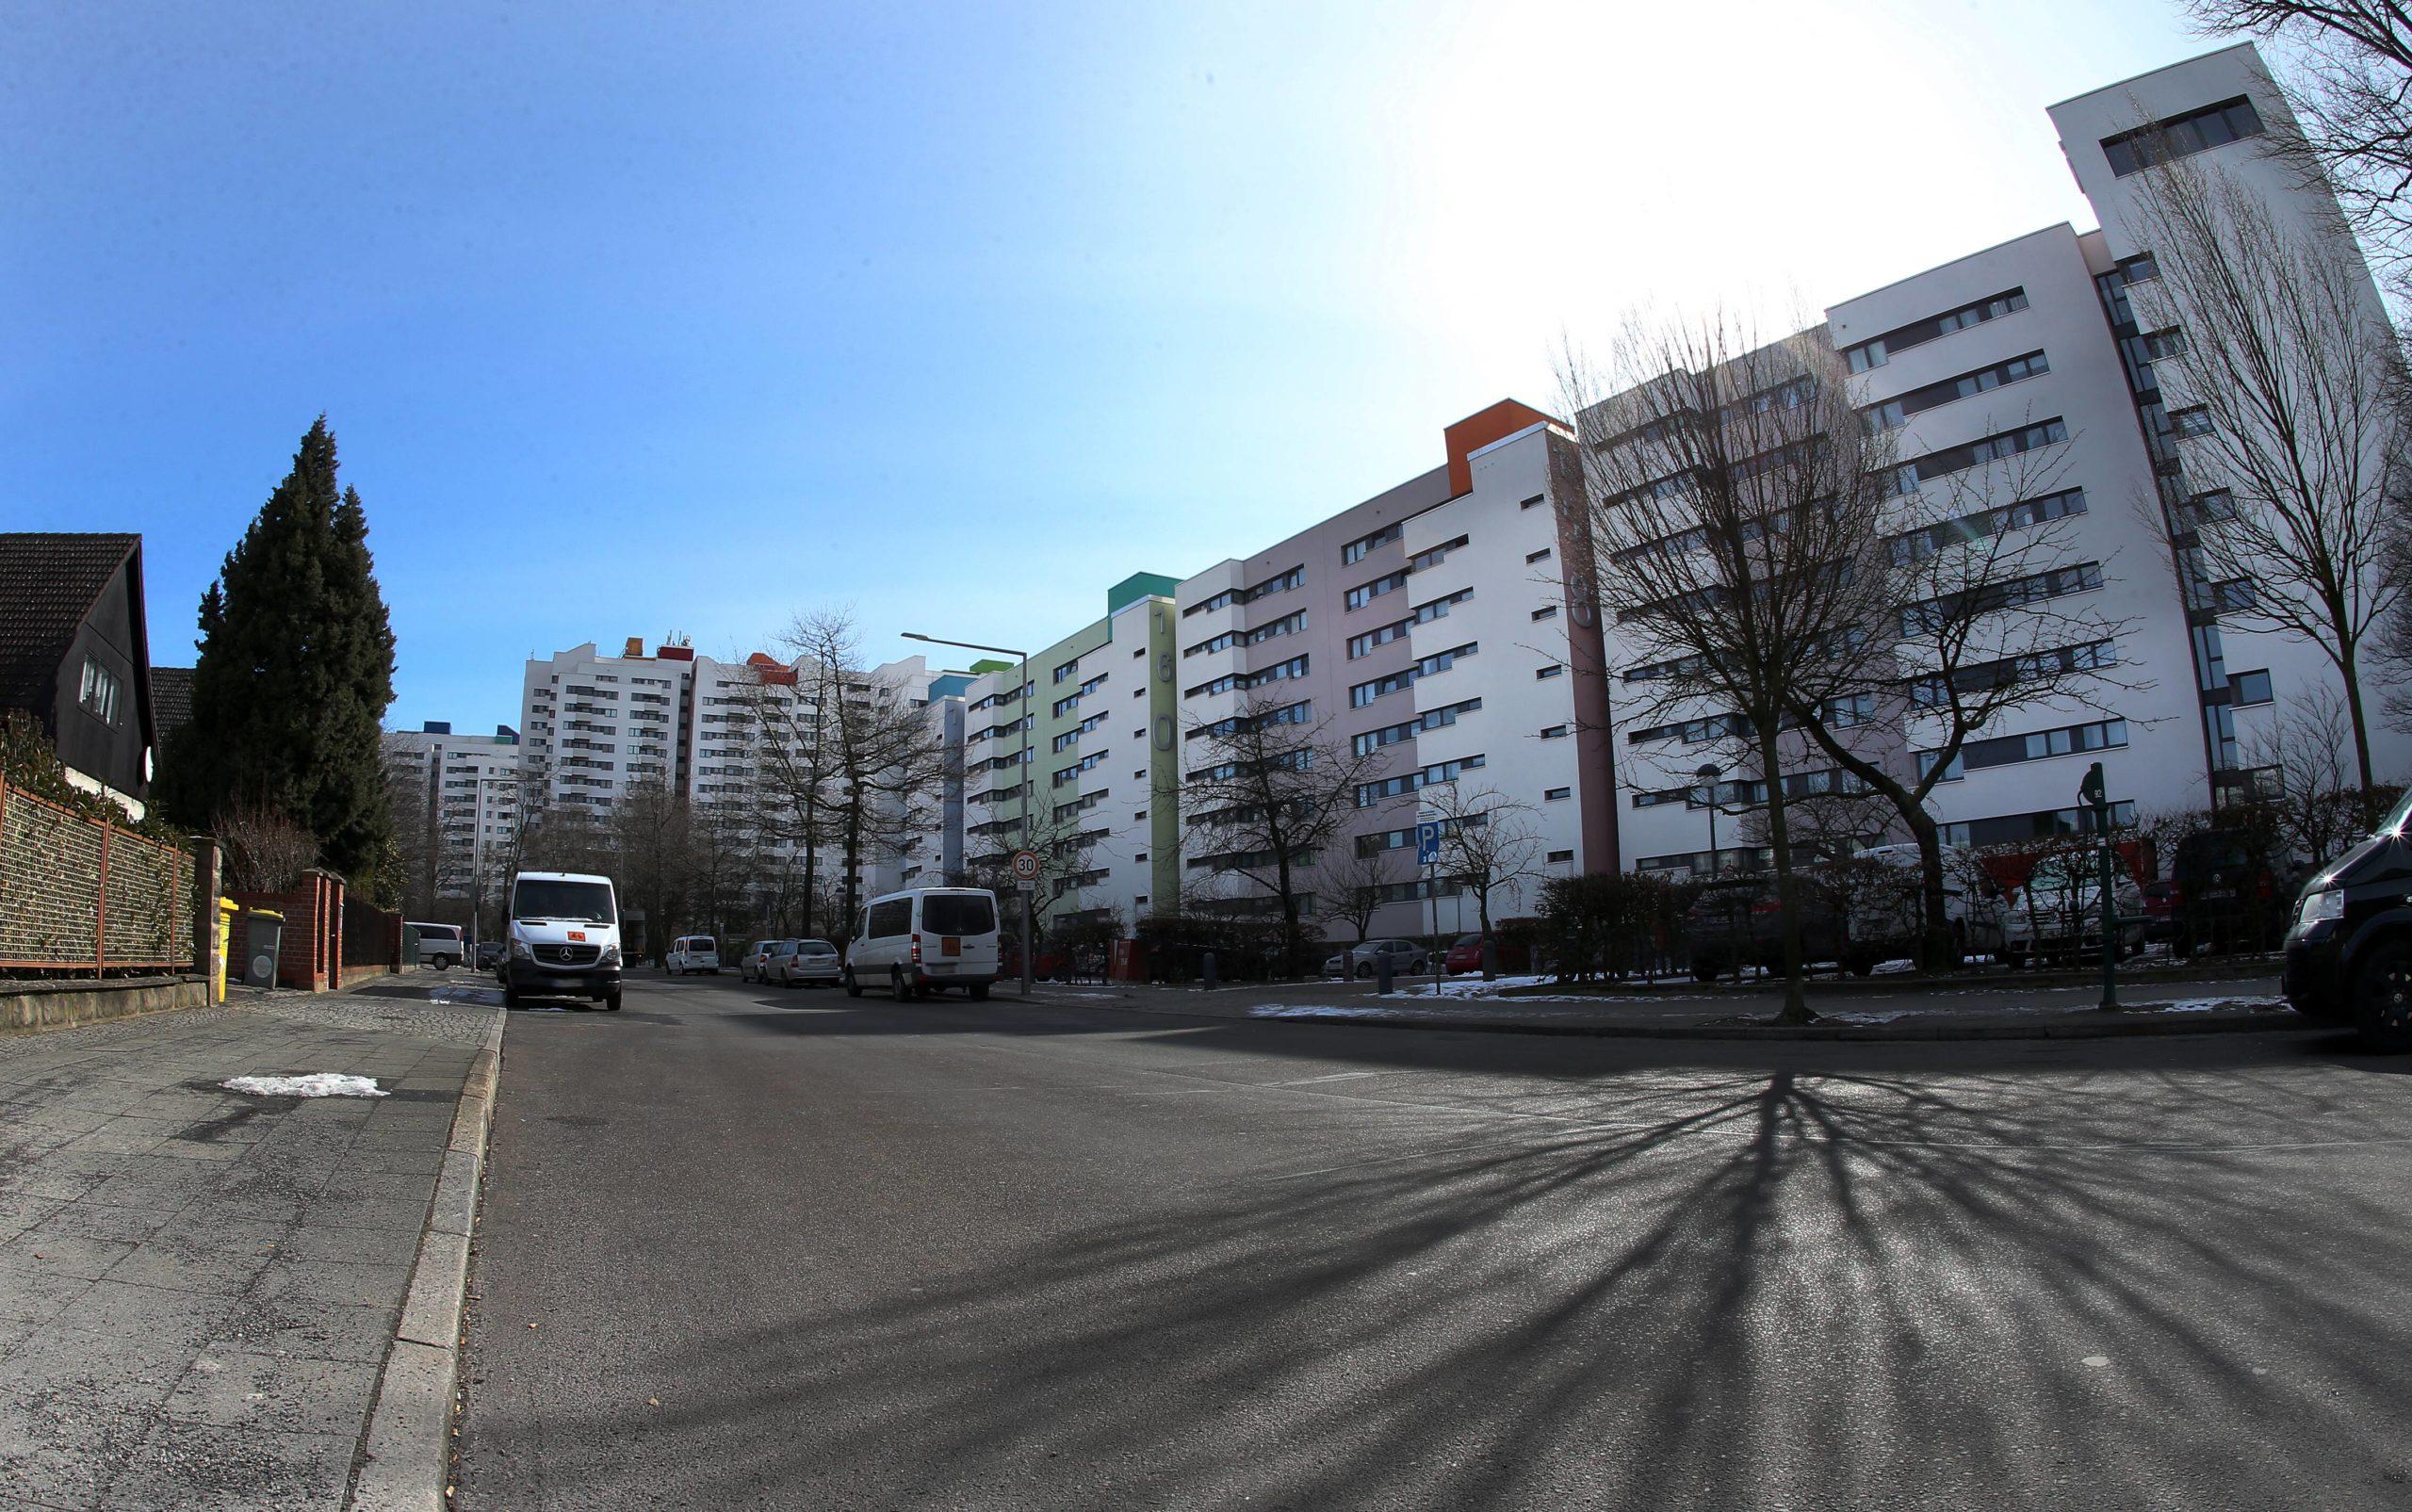 Günstige Wohnungen in Berlin findet ihr beispielsweise im Märkischen Viertel rund um den Dannenwalder Weg. Foto: Imago/Andreas Gora